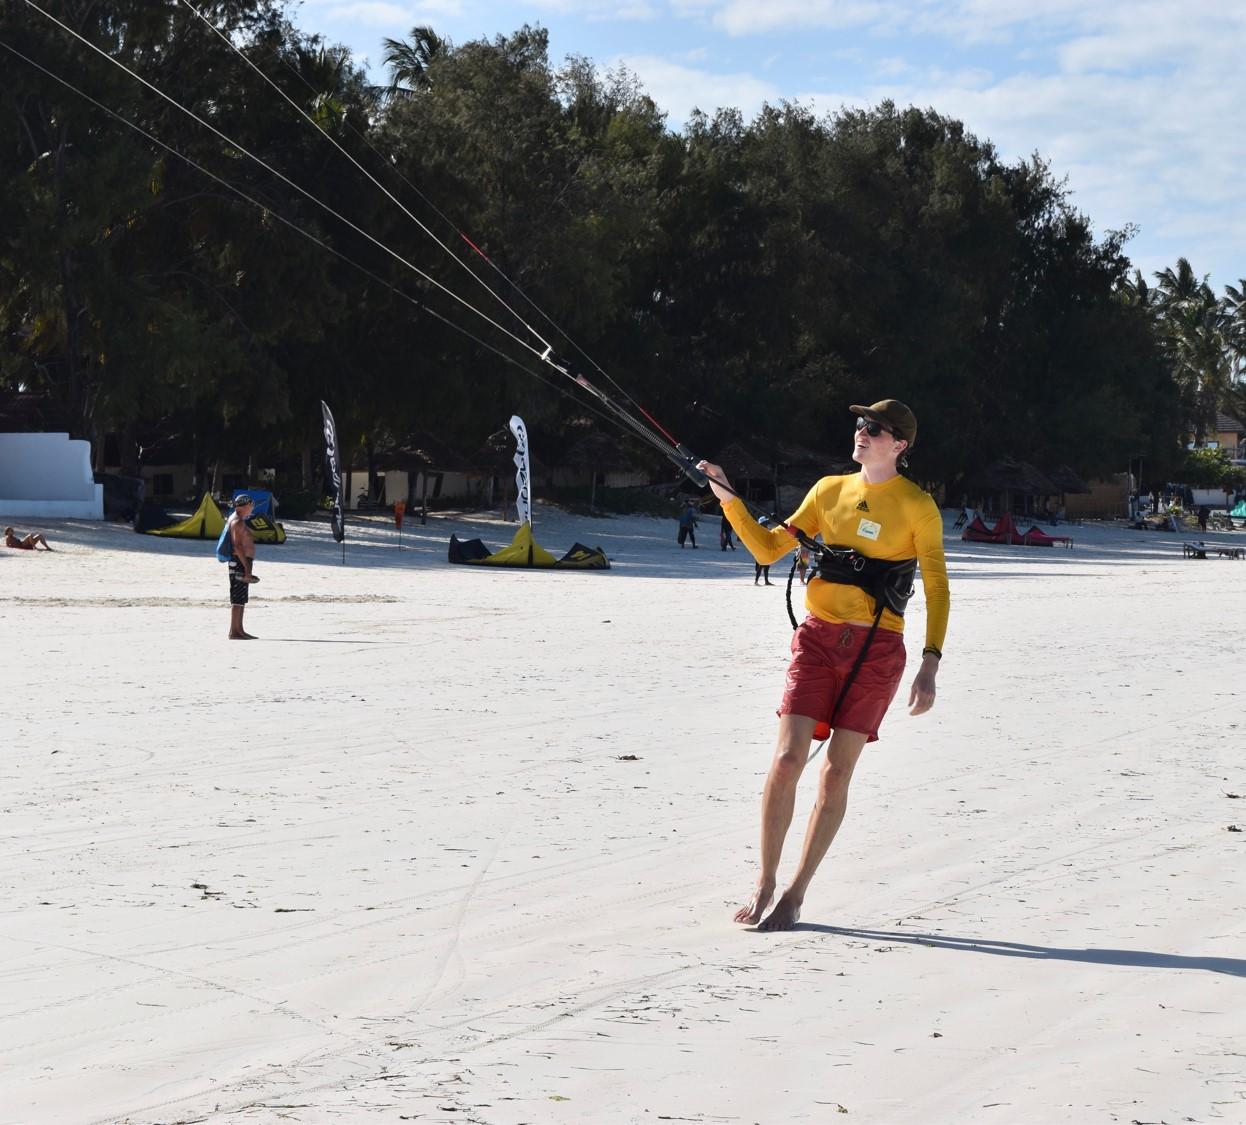 Some RnR in the form of Kitesurfing in Paje, Zanzibar